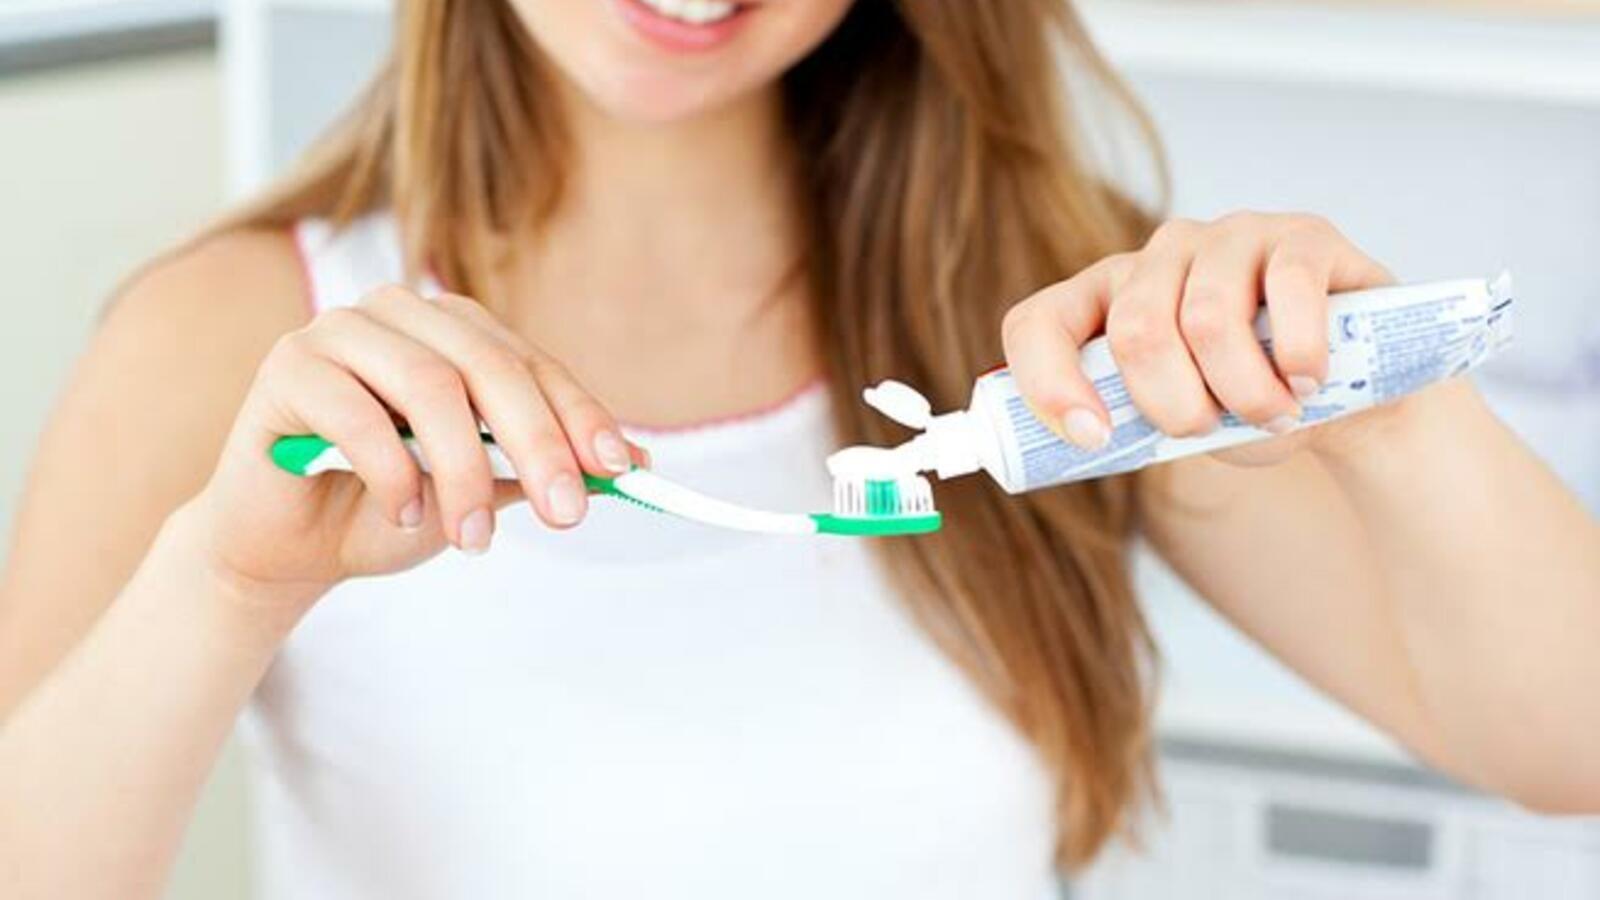 علاجات طبيعية للتخلص من حبوب الأنف